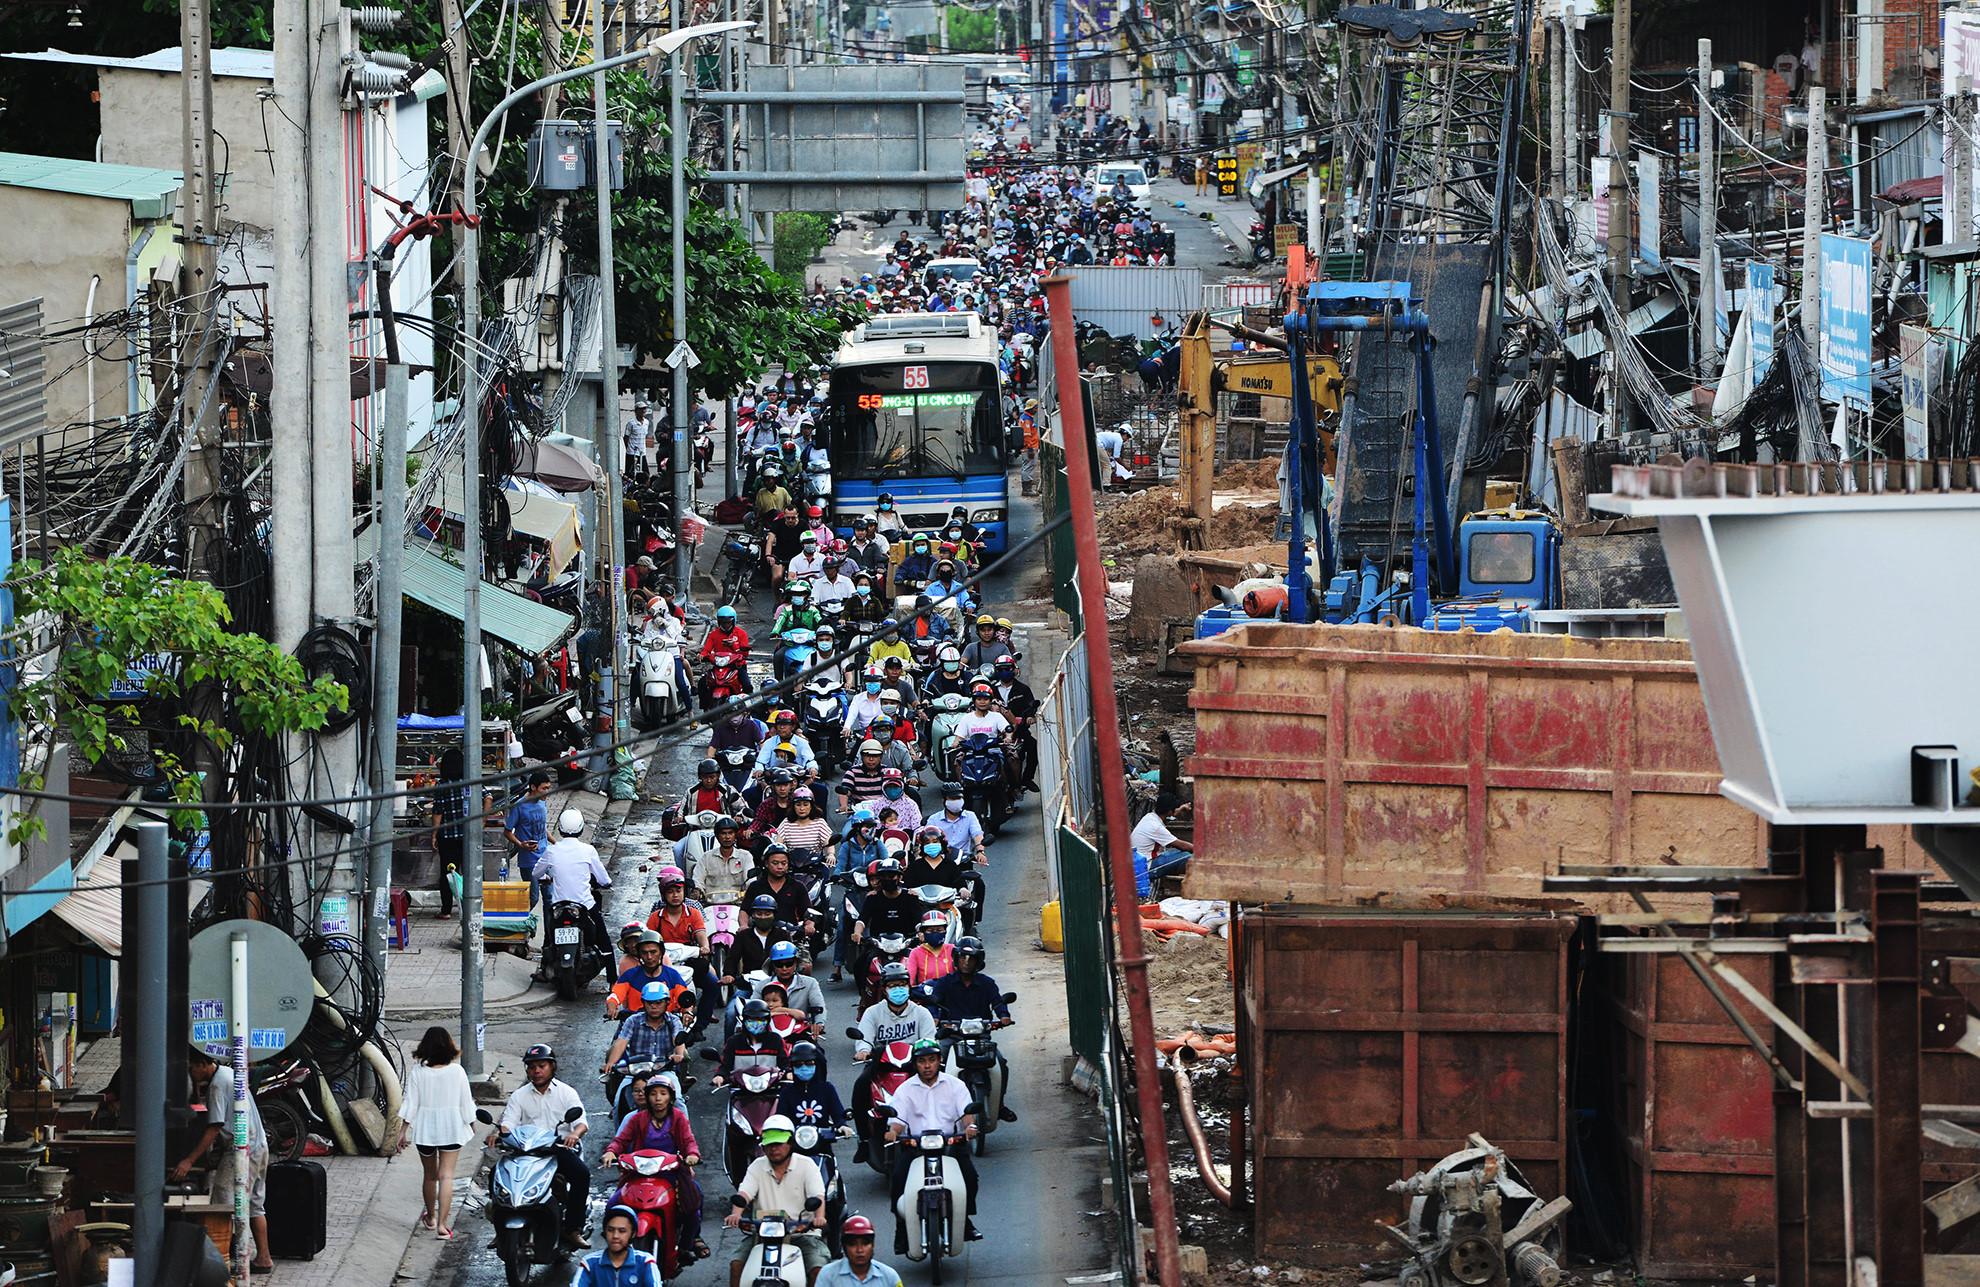 Cuối năm, lô cốt lại mọc lên khắp đường Sài Gòn Ảnh 14